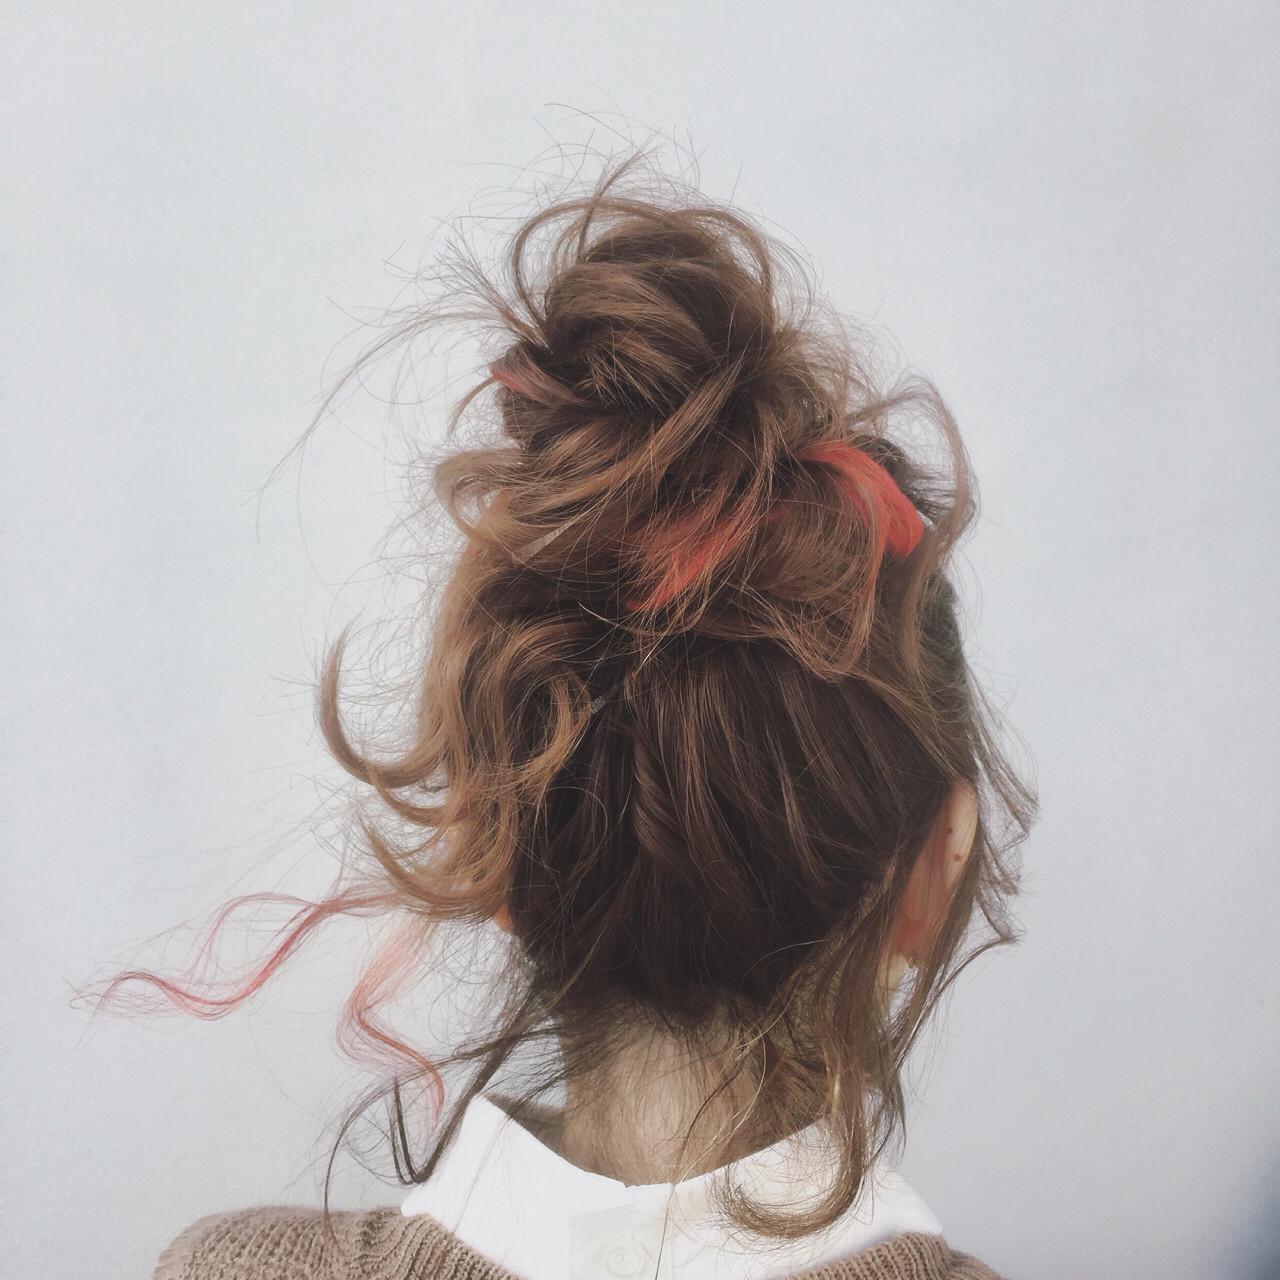 ヘアアレンジ お団子 外国人風 ボブ ヘアスタイルや髪型の写真・画像